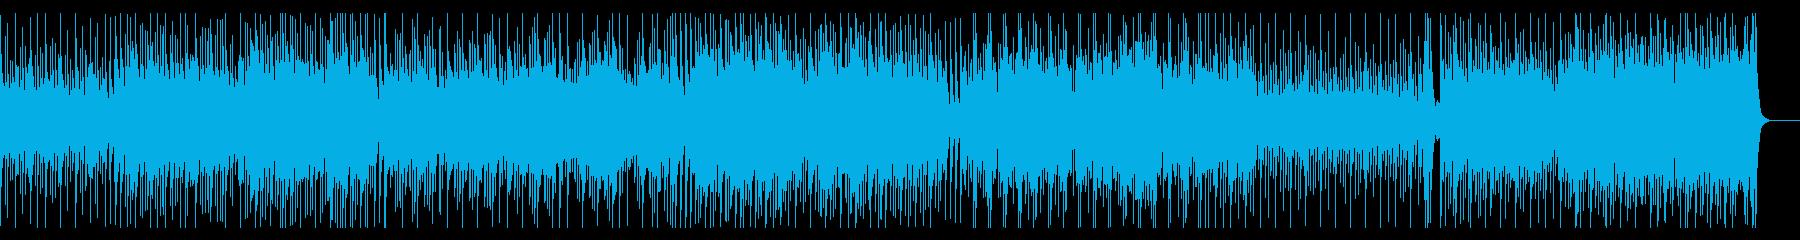 世界遺産ドキュメンタリーケルト調の曲の再生済みの波形